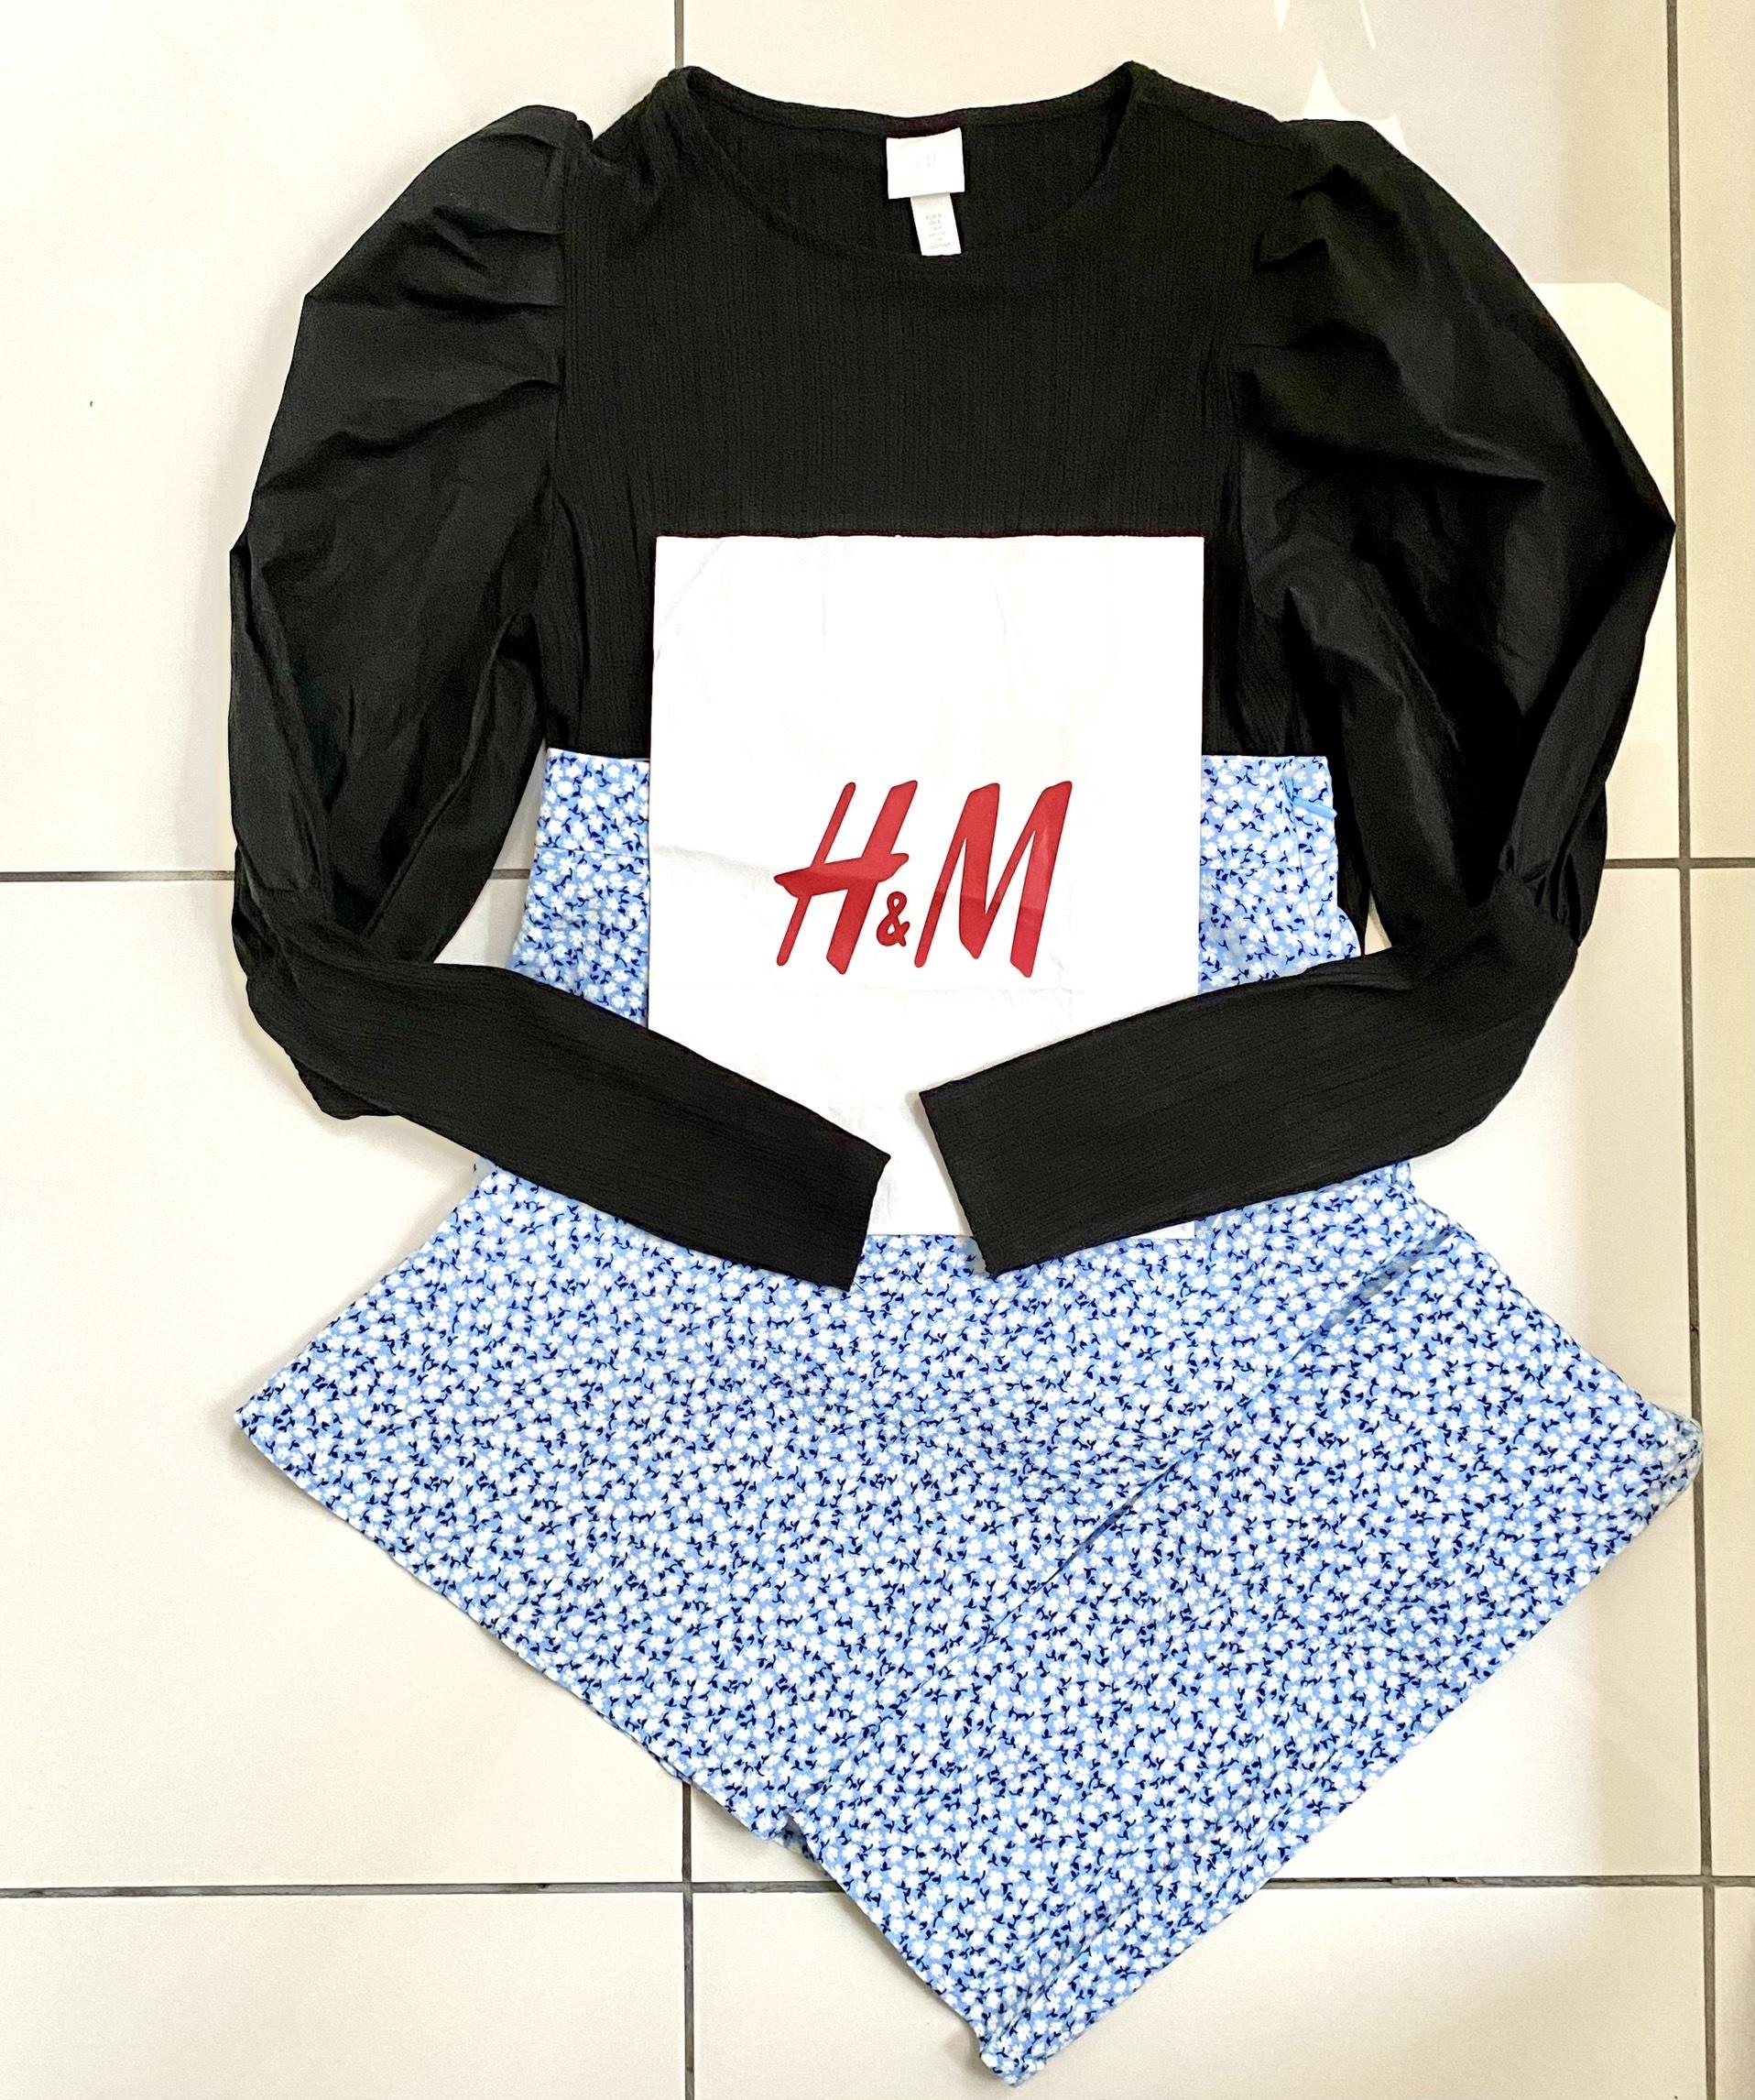 黒のトップスとブルー系小花柄スカート